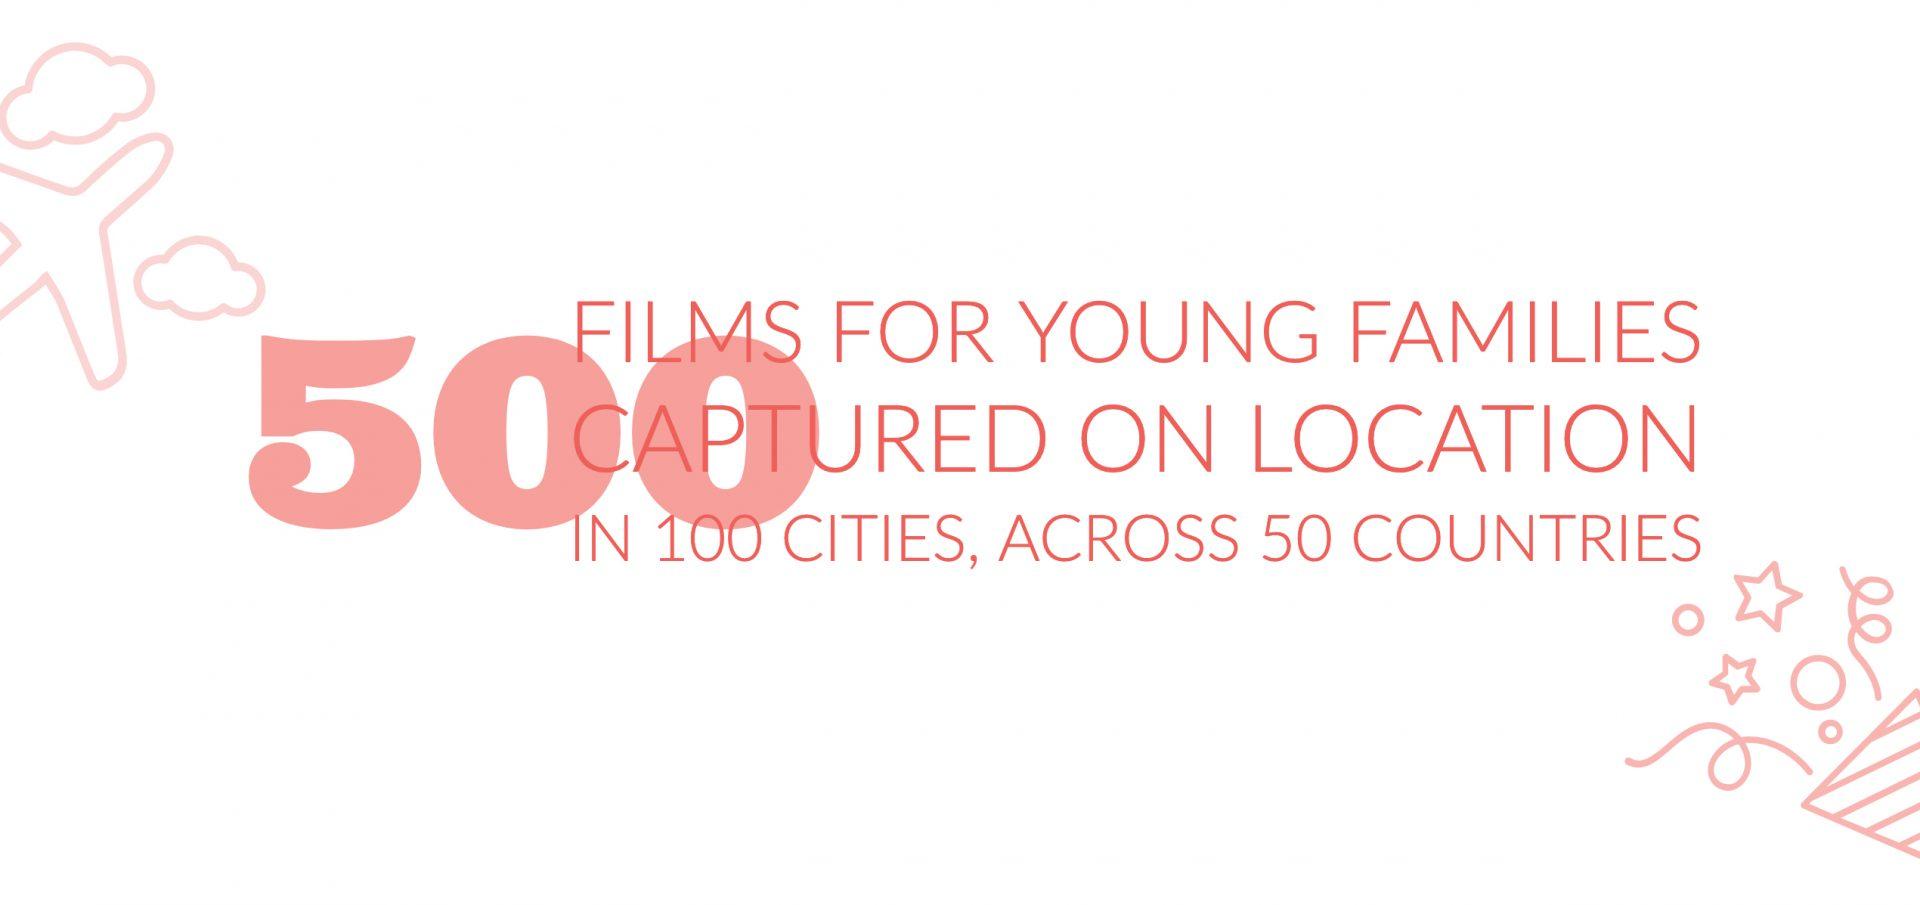 500 Films